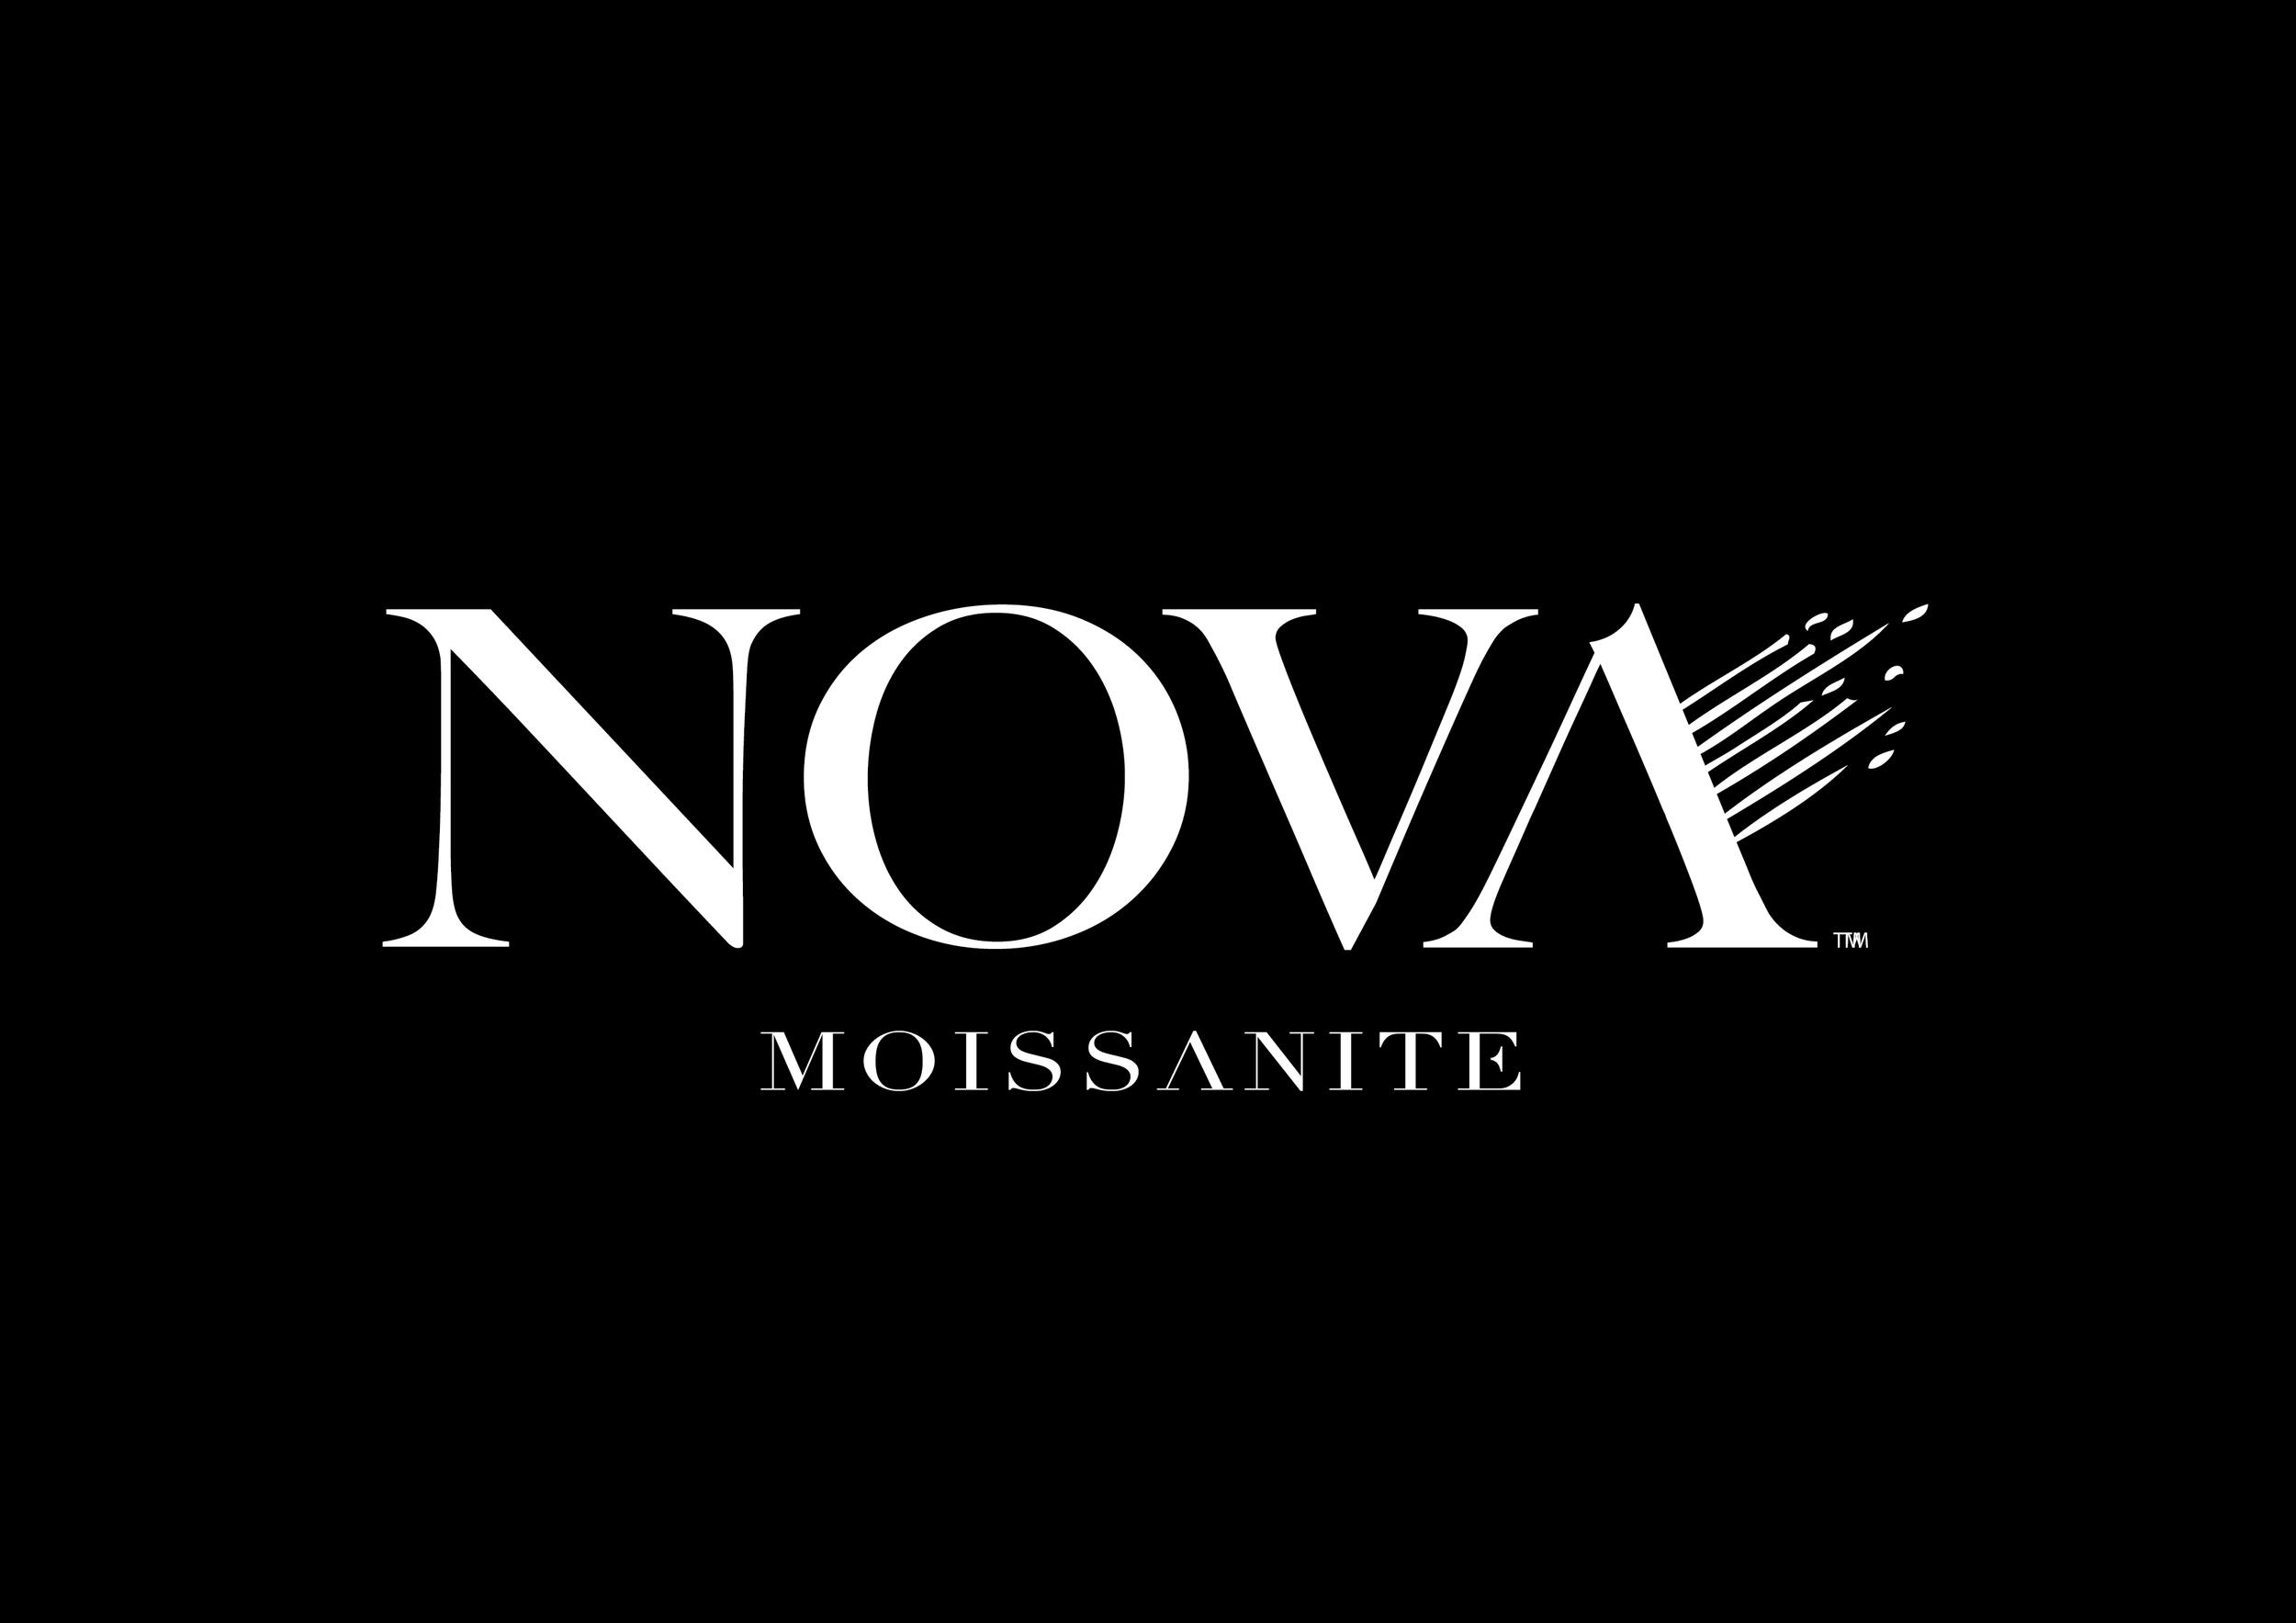 LOGO NOVA B-W.png